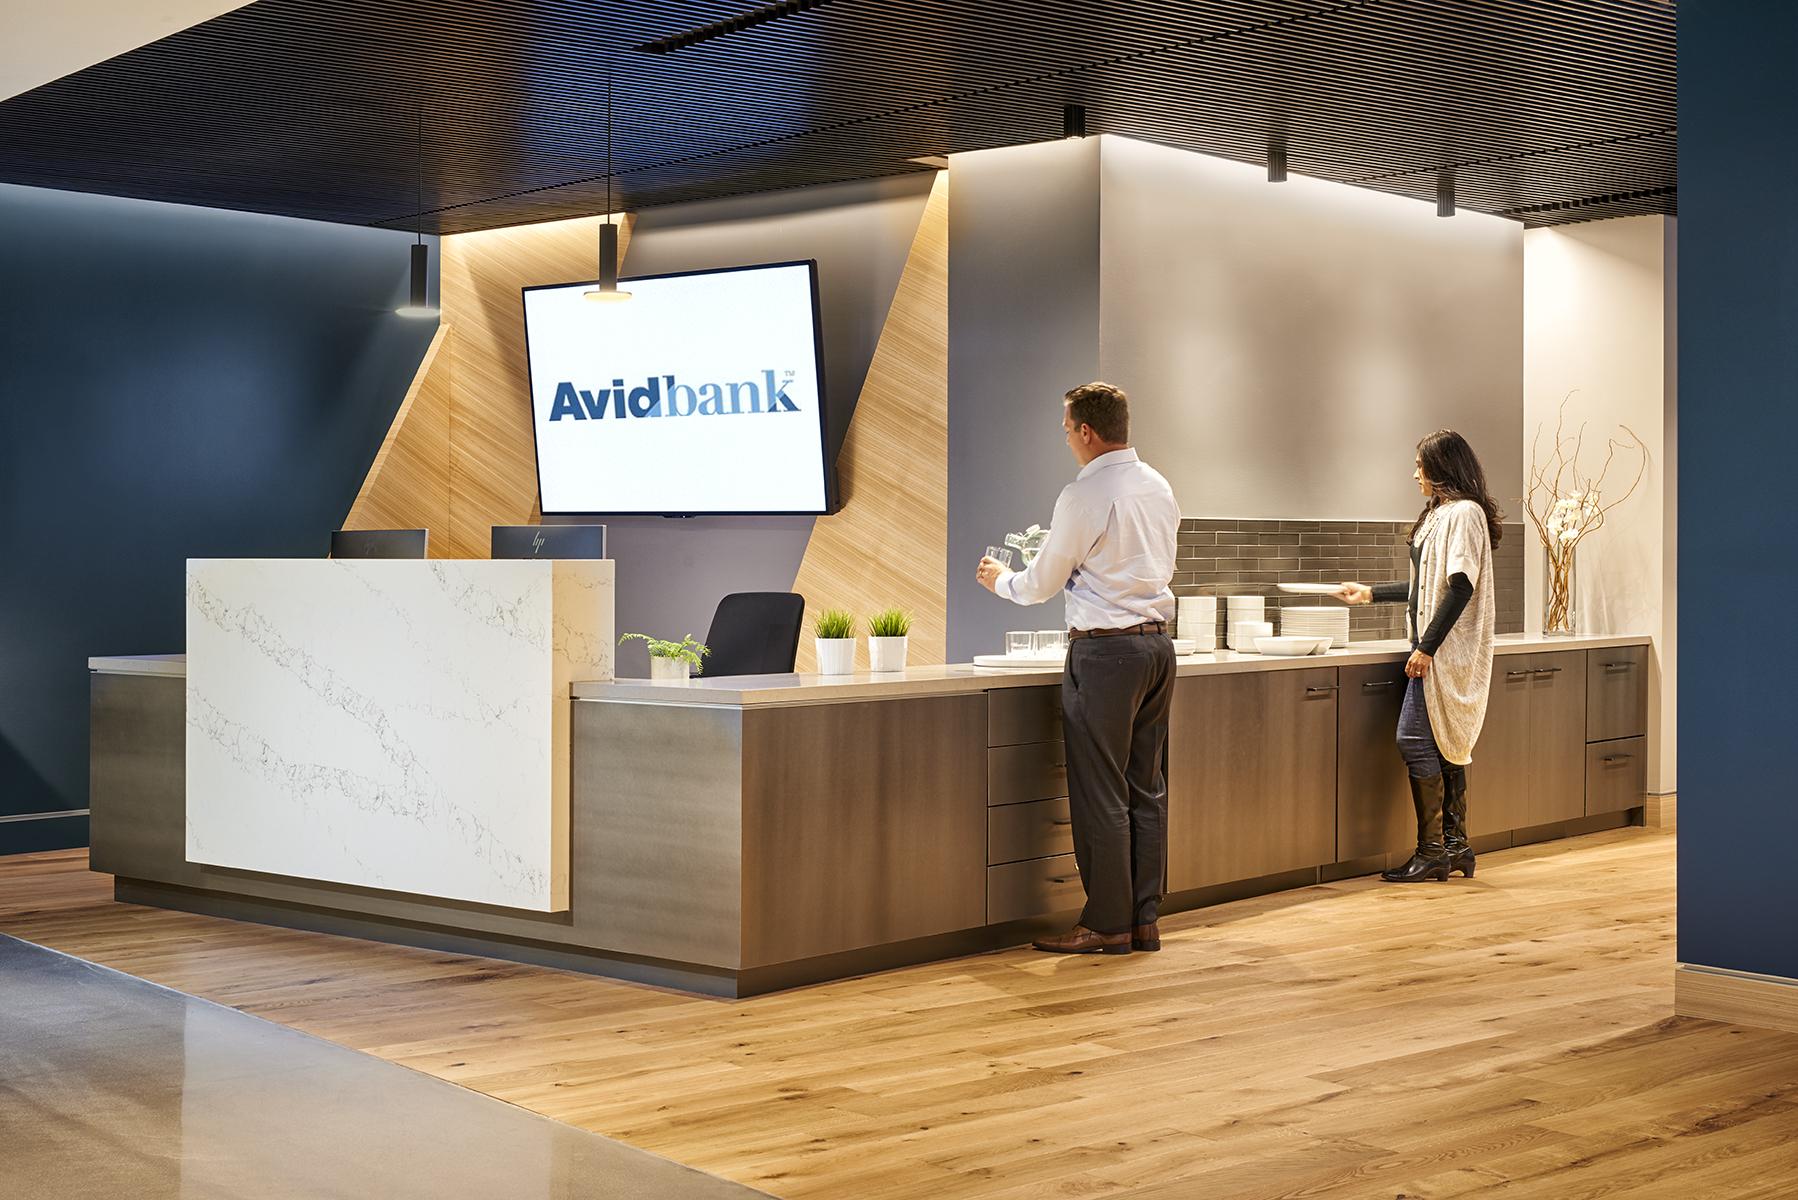 Avidbank